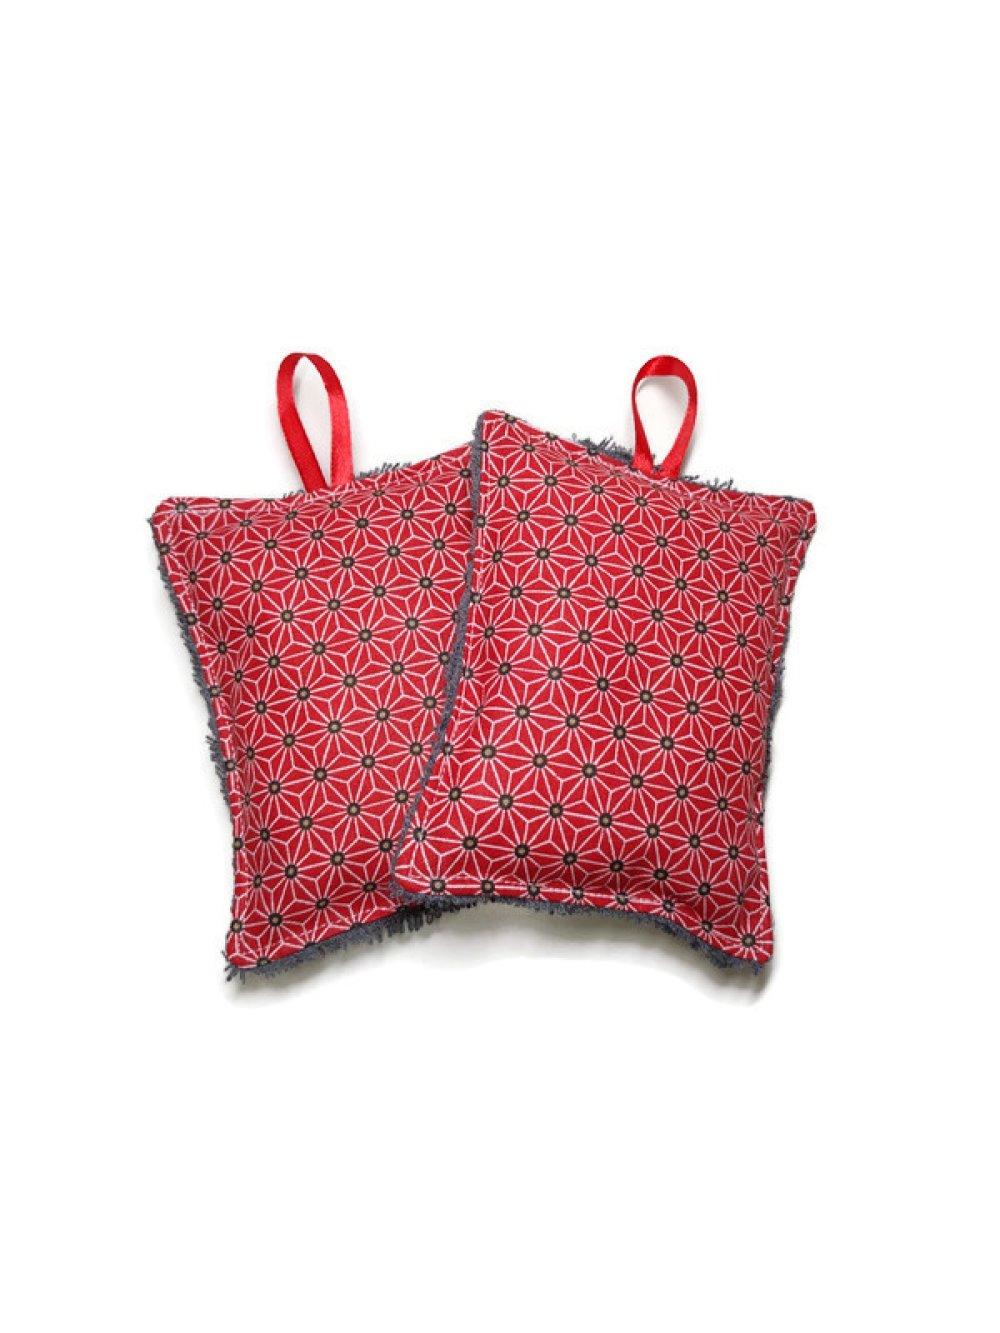 Éponges lavables X2. Version rouge avec imprimé motifs et éponge grise